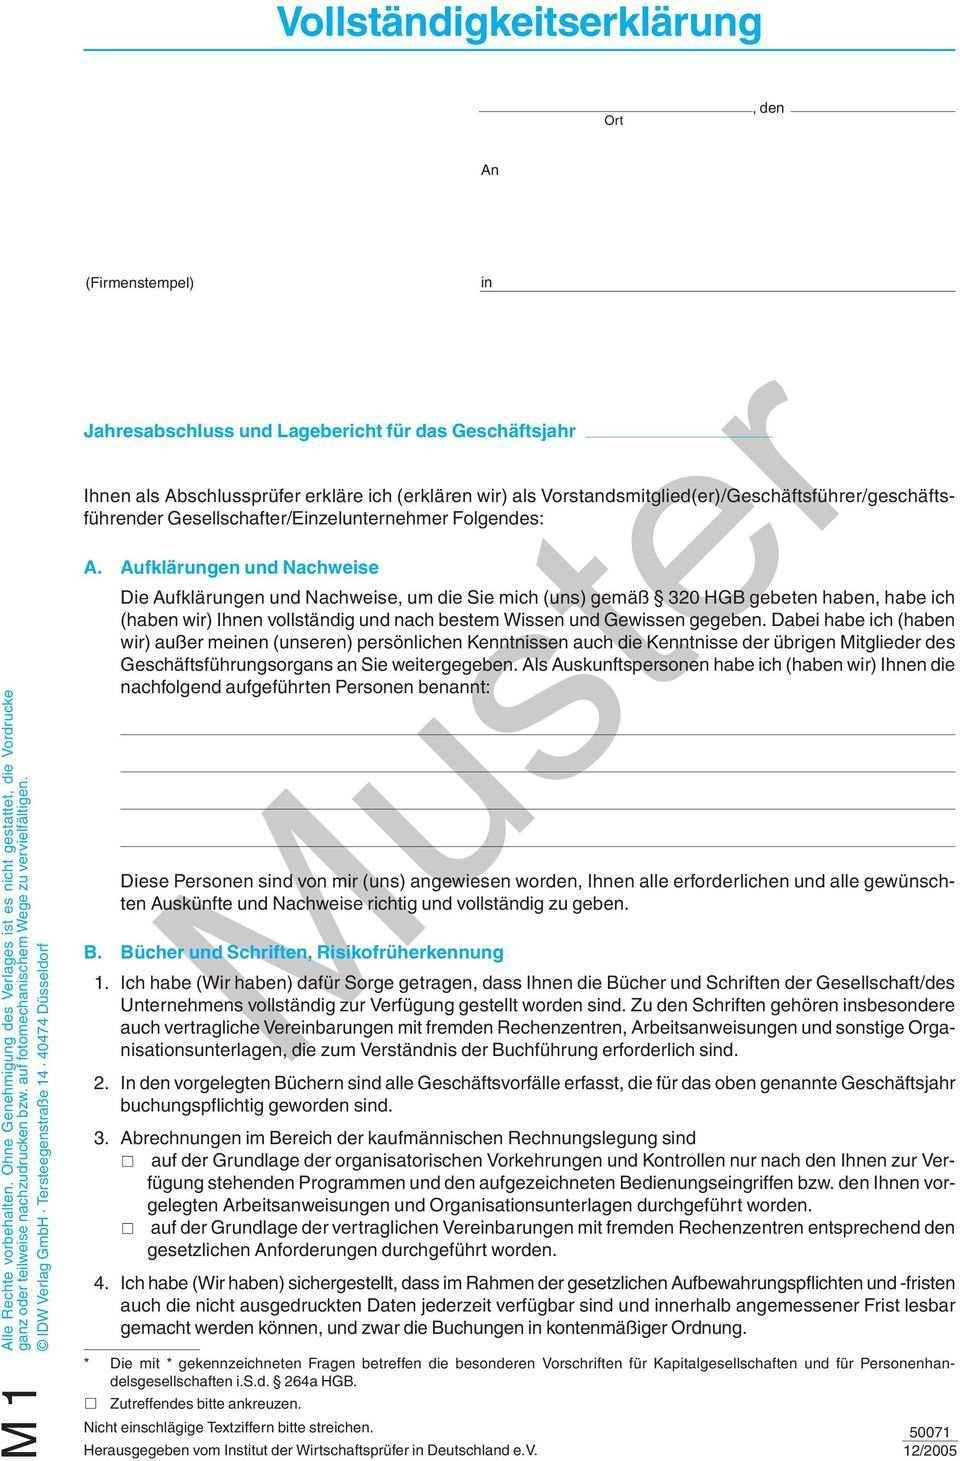 Vollstandigkeitserklarung Muster Pdf Free Download